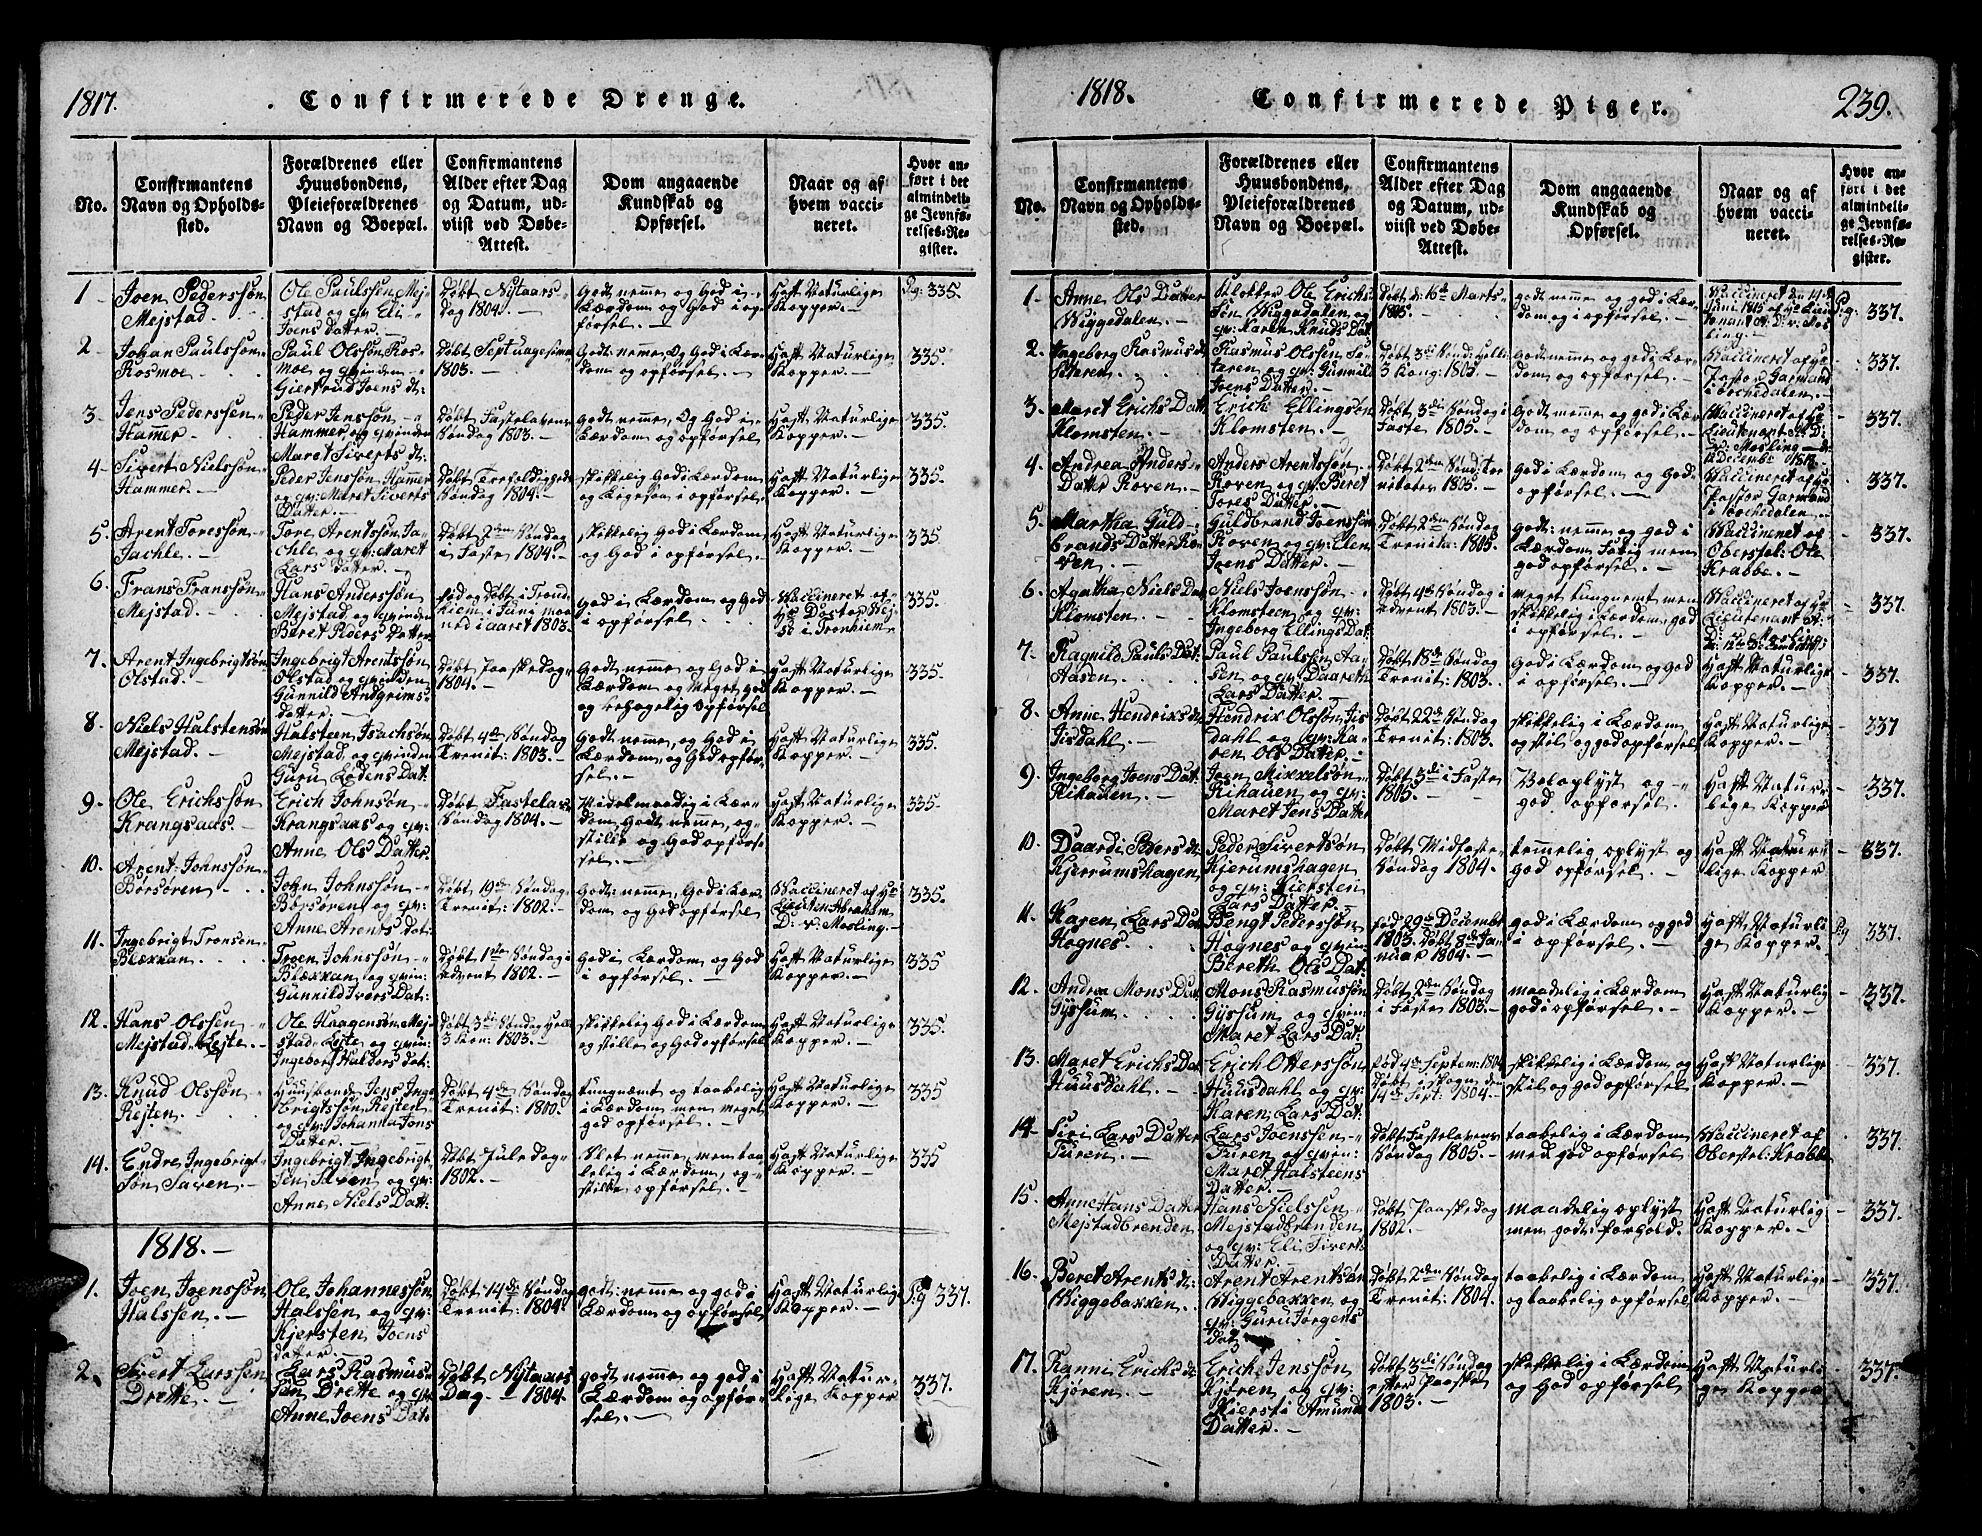 SAT, Ministerialprotokoller, klokkerbøker og fødselsregistre - Sør-Trøndelag, 665/L0776: Klokkerbok nr. 665C01, 1817-1837, s. 239